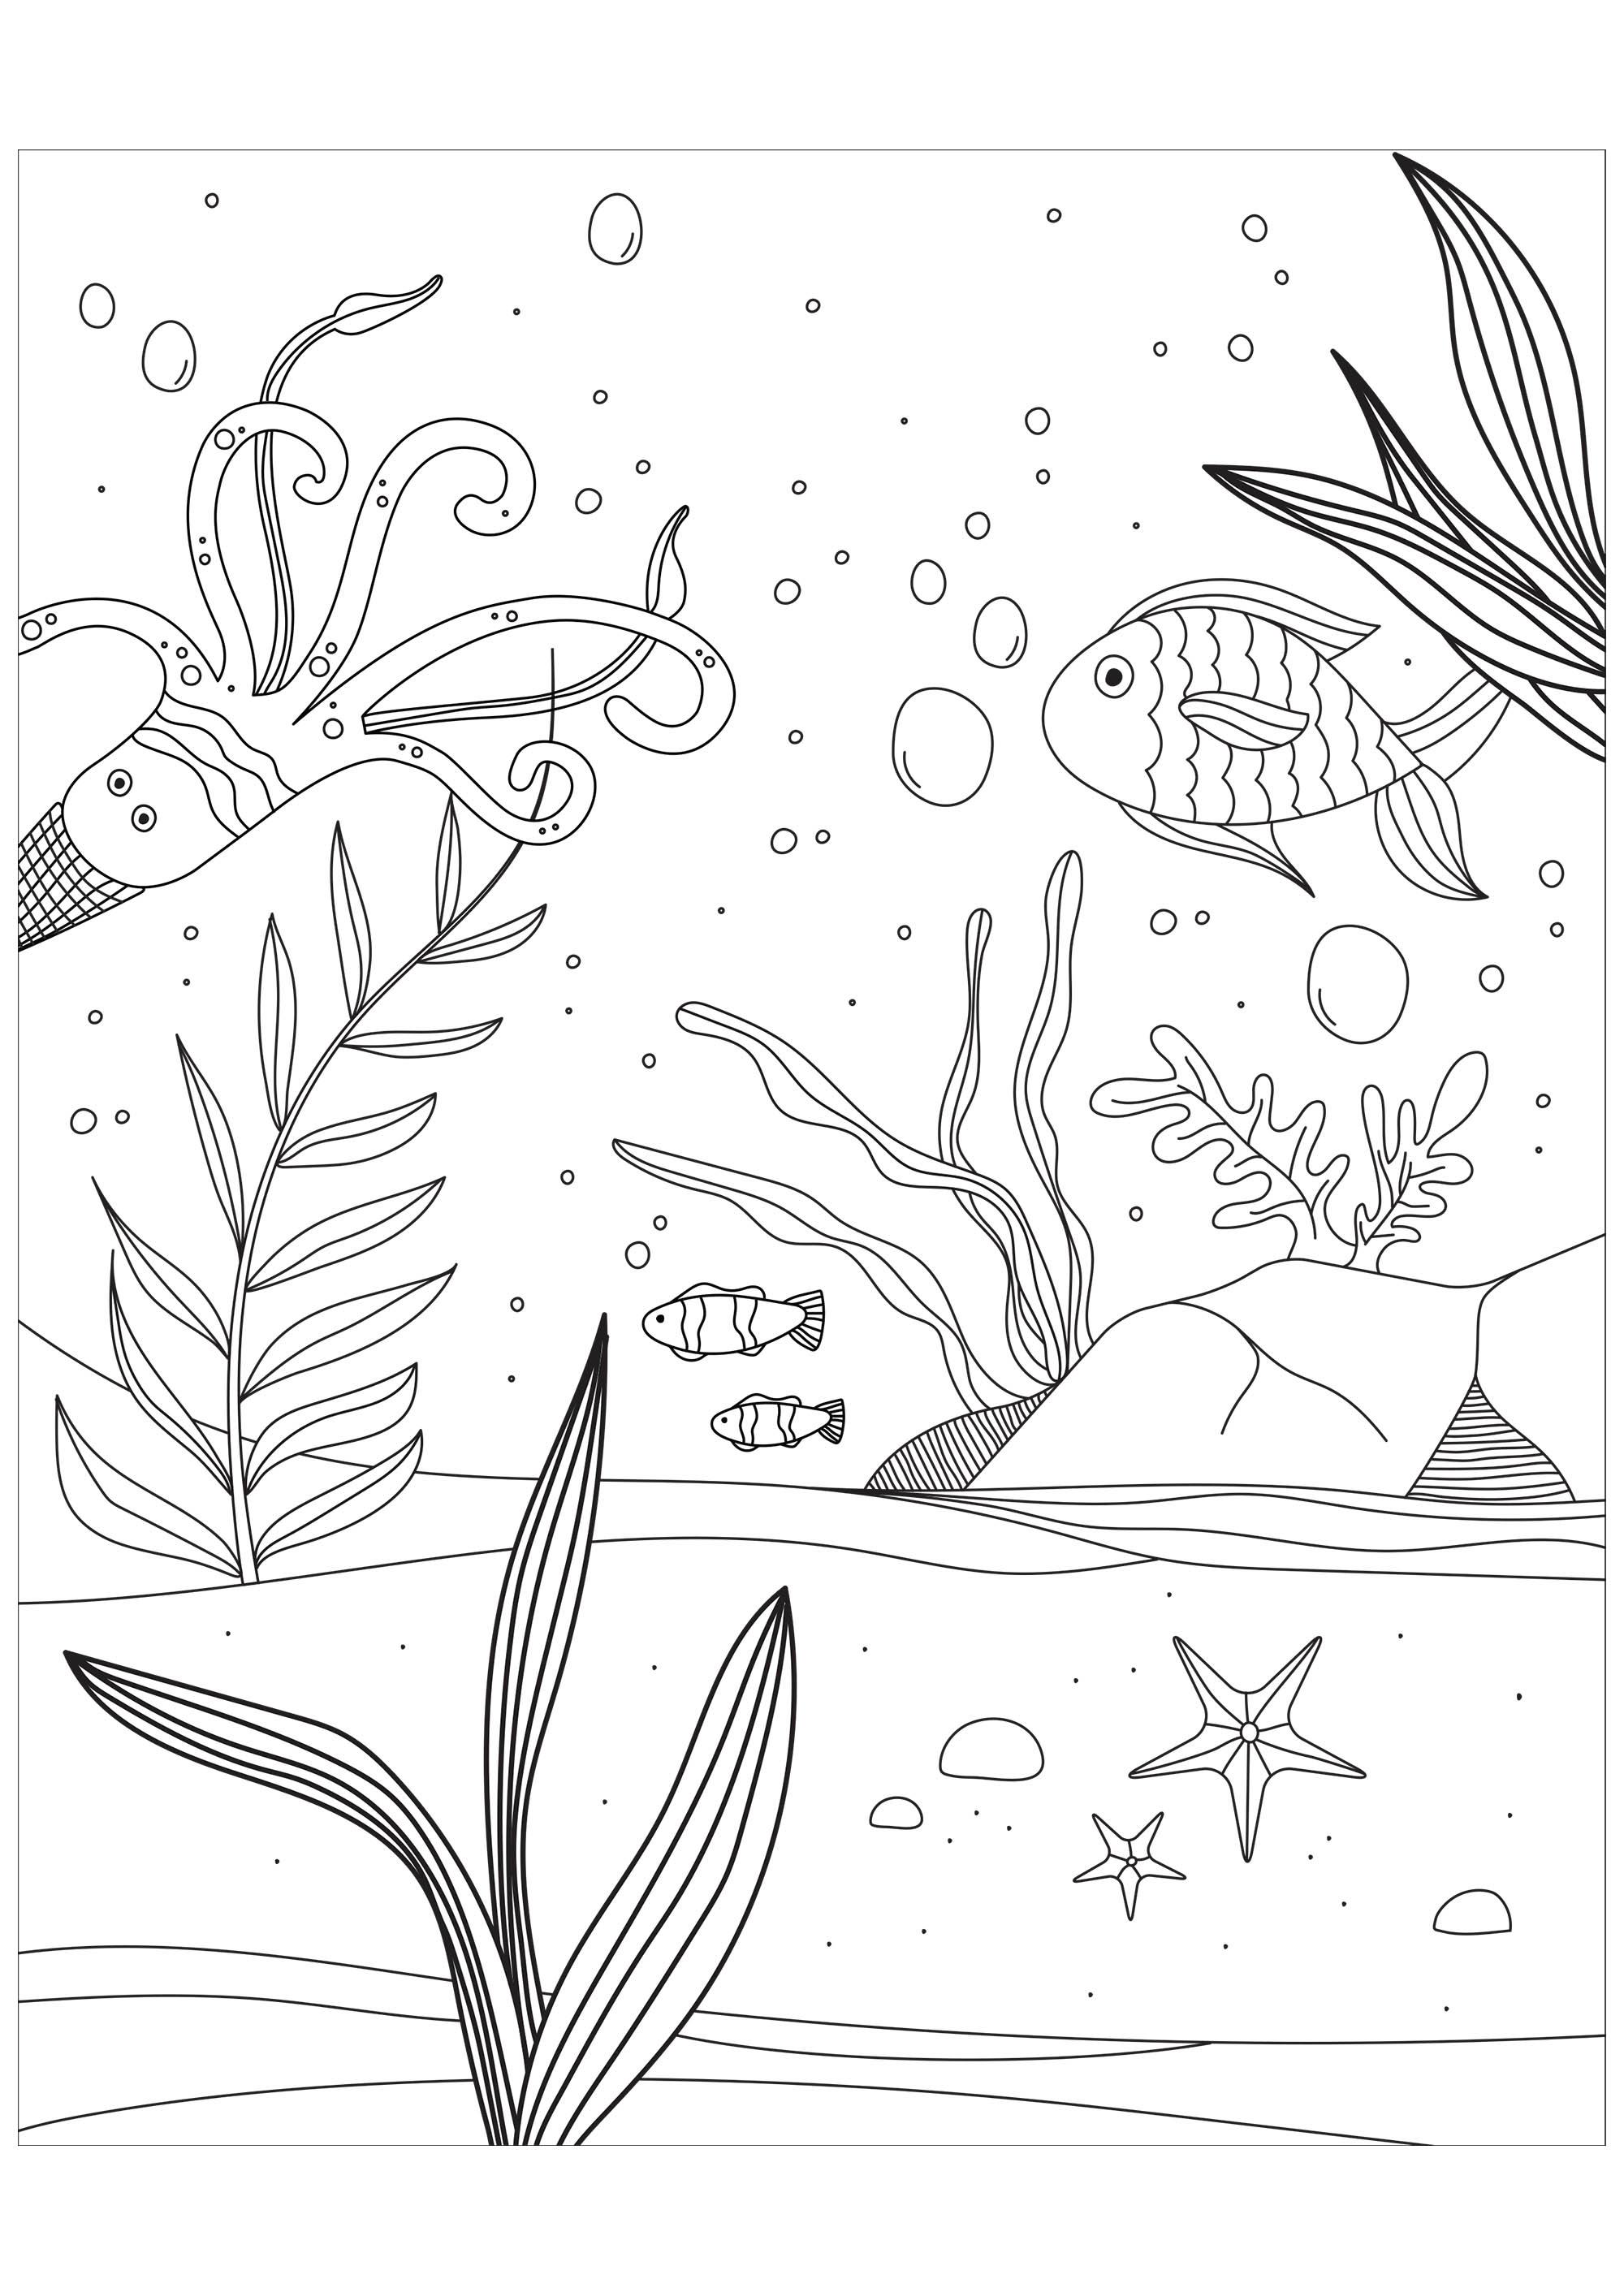 Poissons, pieuvre et étoile de mer au fond de la mer. Fourni par le site Gifts.com